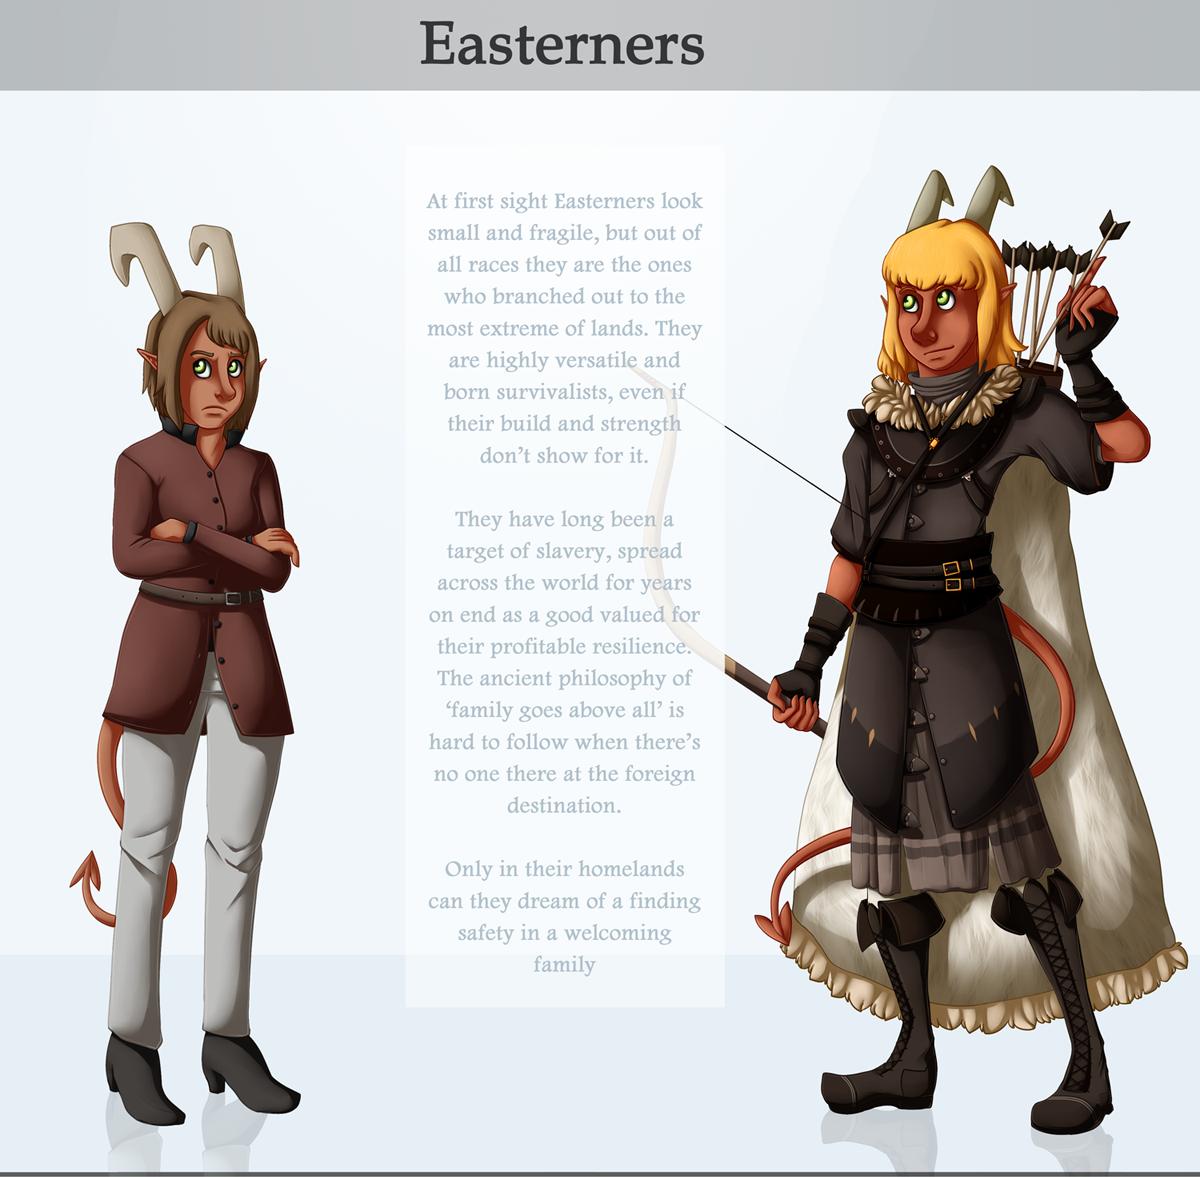 easterner_by_elithianfox-datchke.png